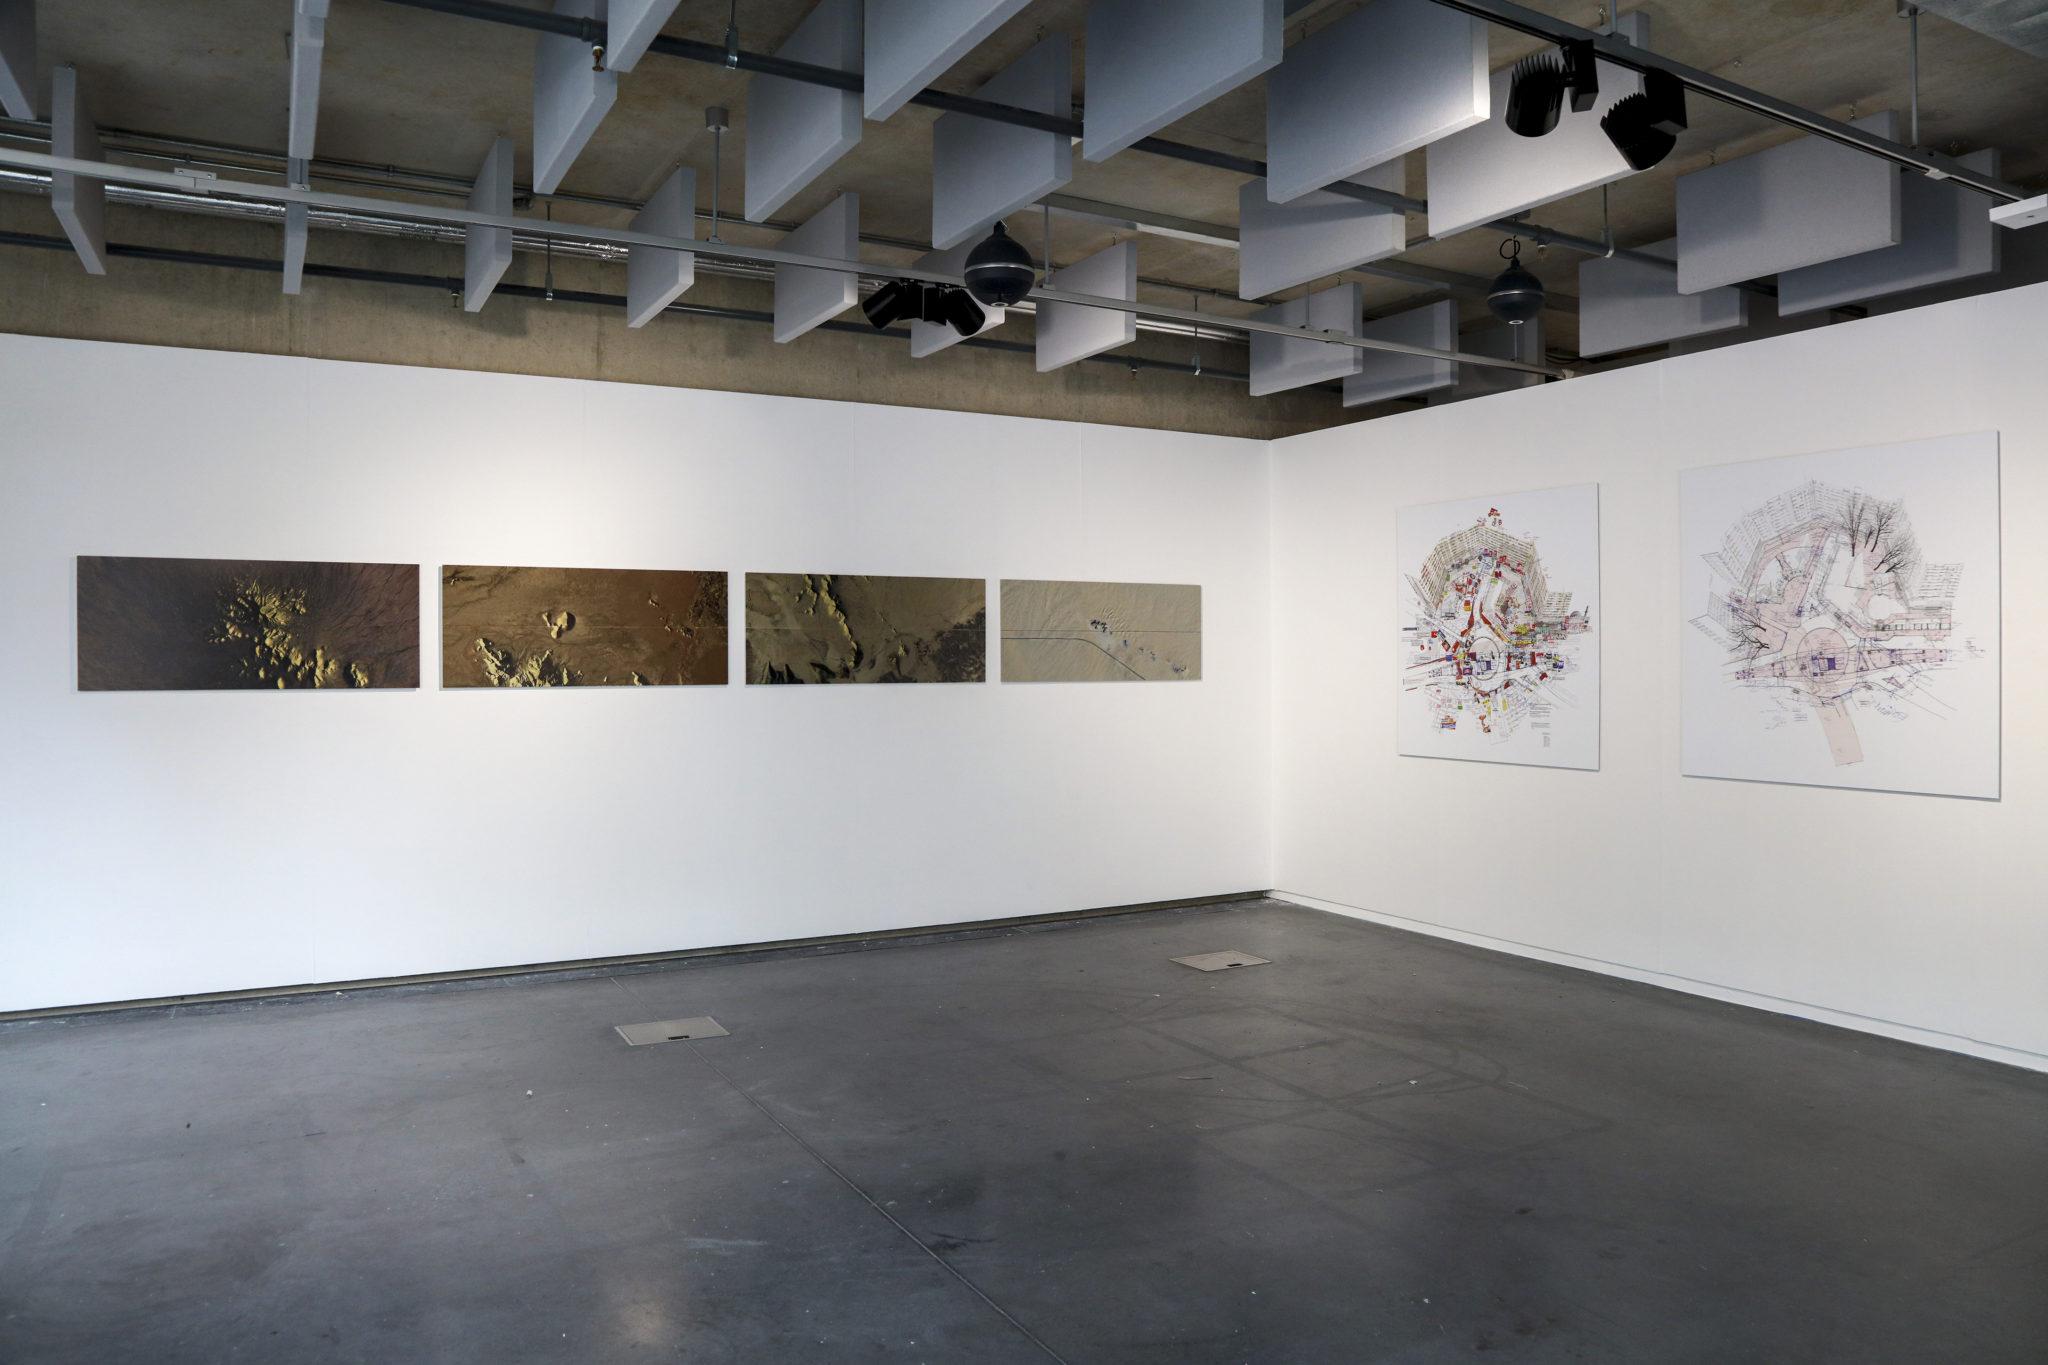 The Landscapists Exhibition